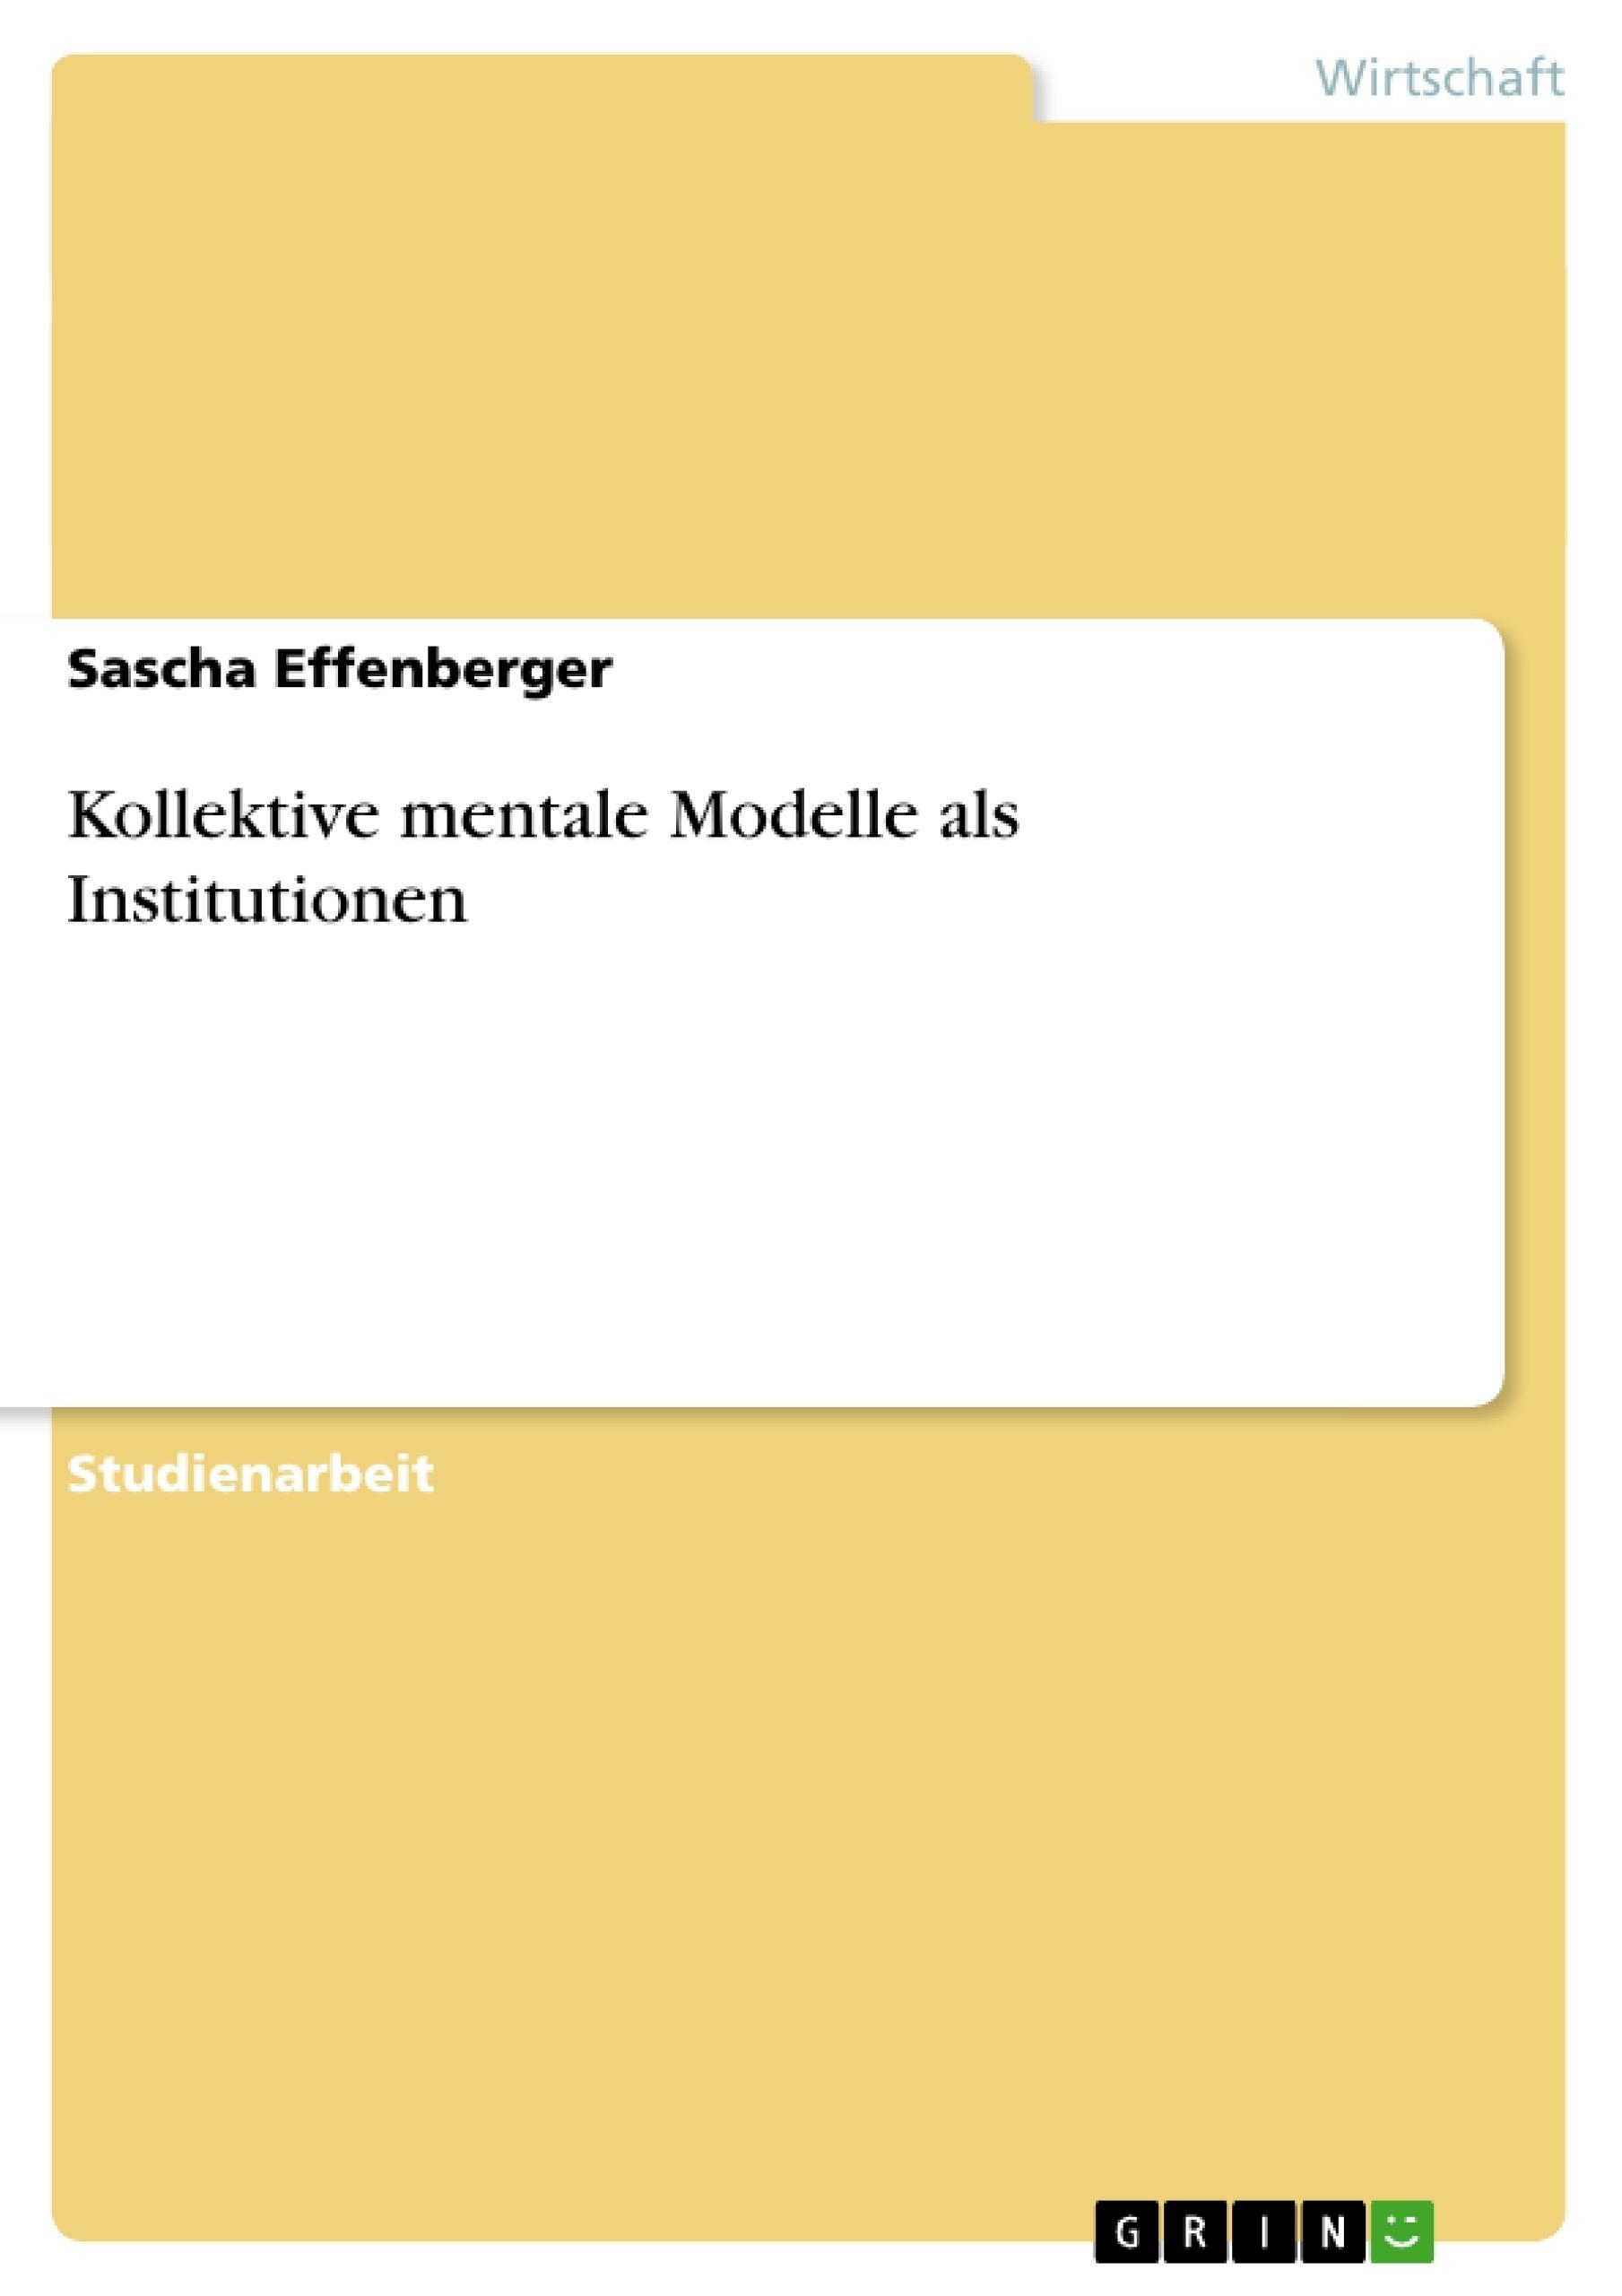 Titel: Kollektive mentale Modelle als Institutionen